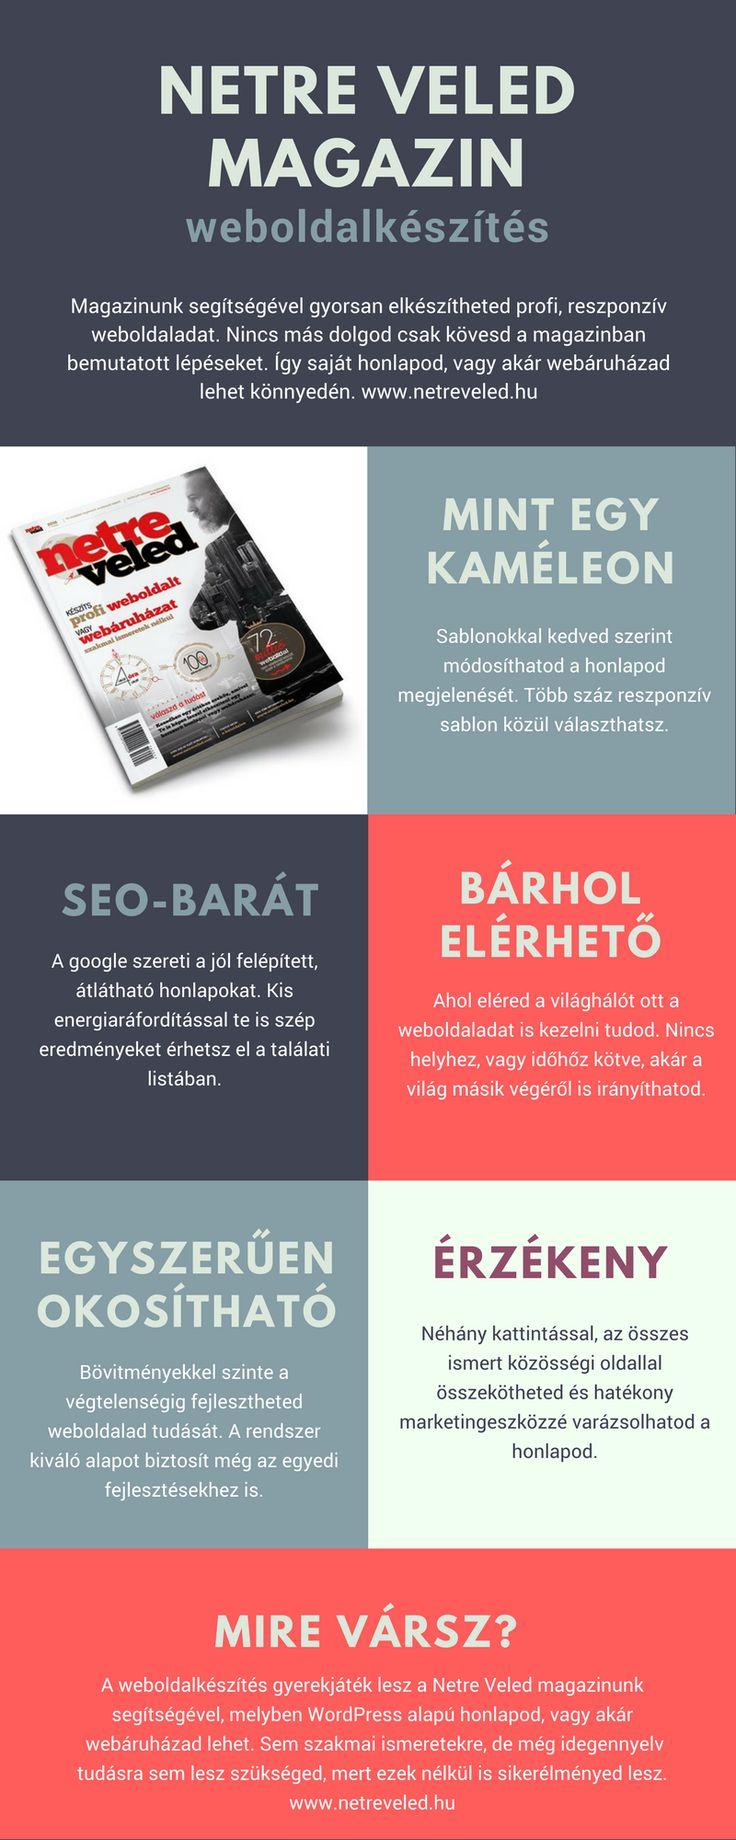 Weboldalkészítés könnyedén a Netre Veled magazinnal